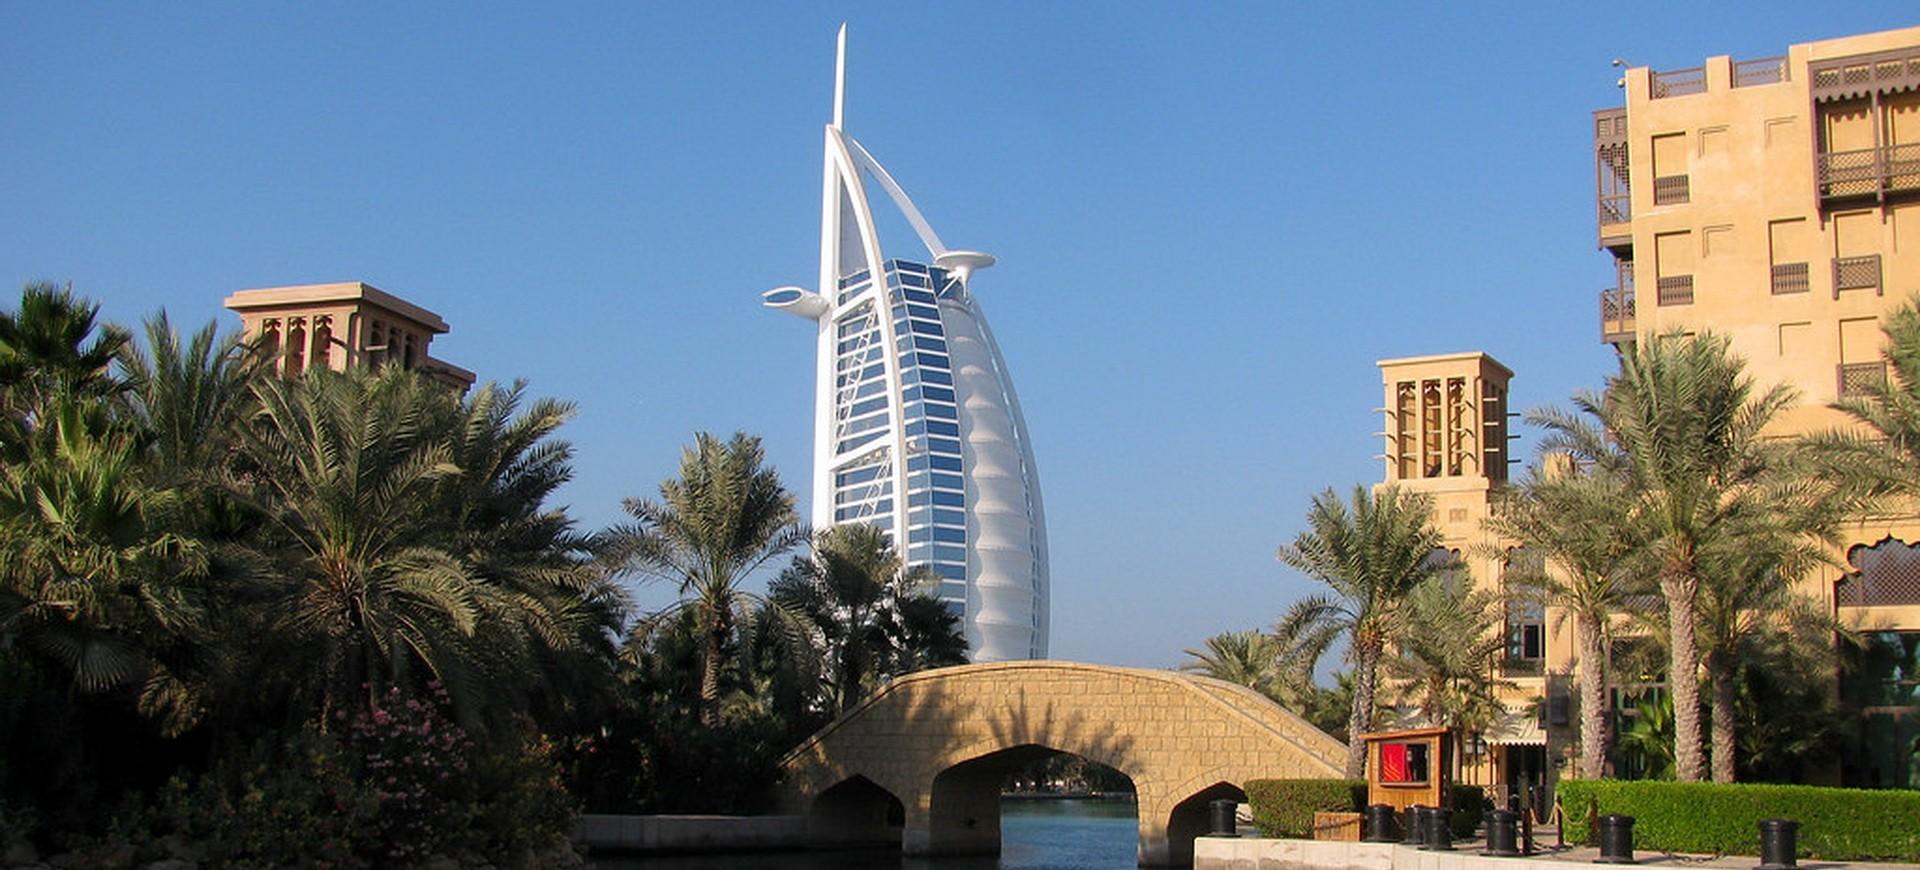 Tour Burj Khalifa à Dubai aux Emirats Arabes Unis